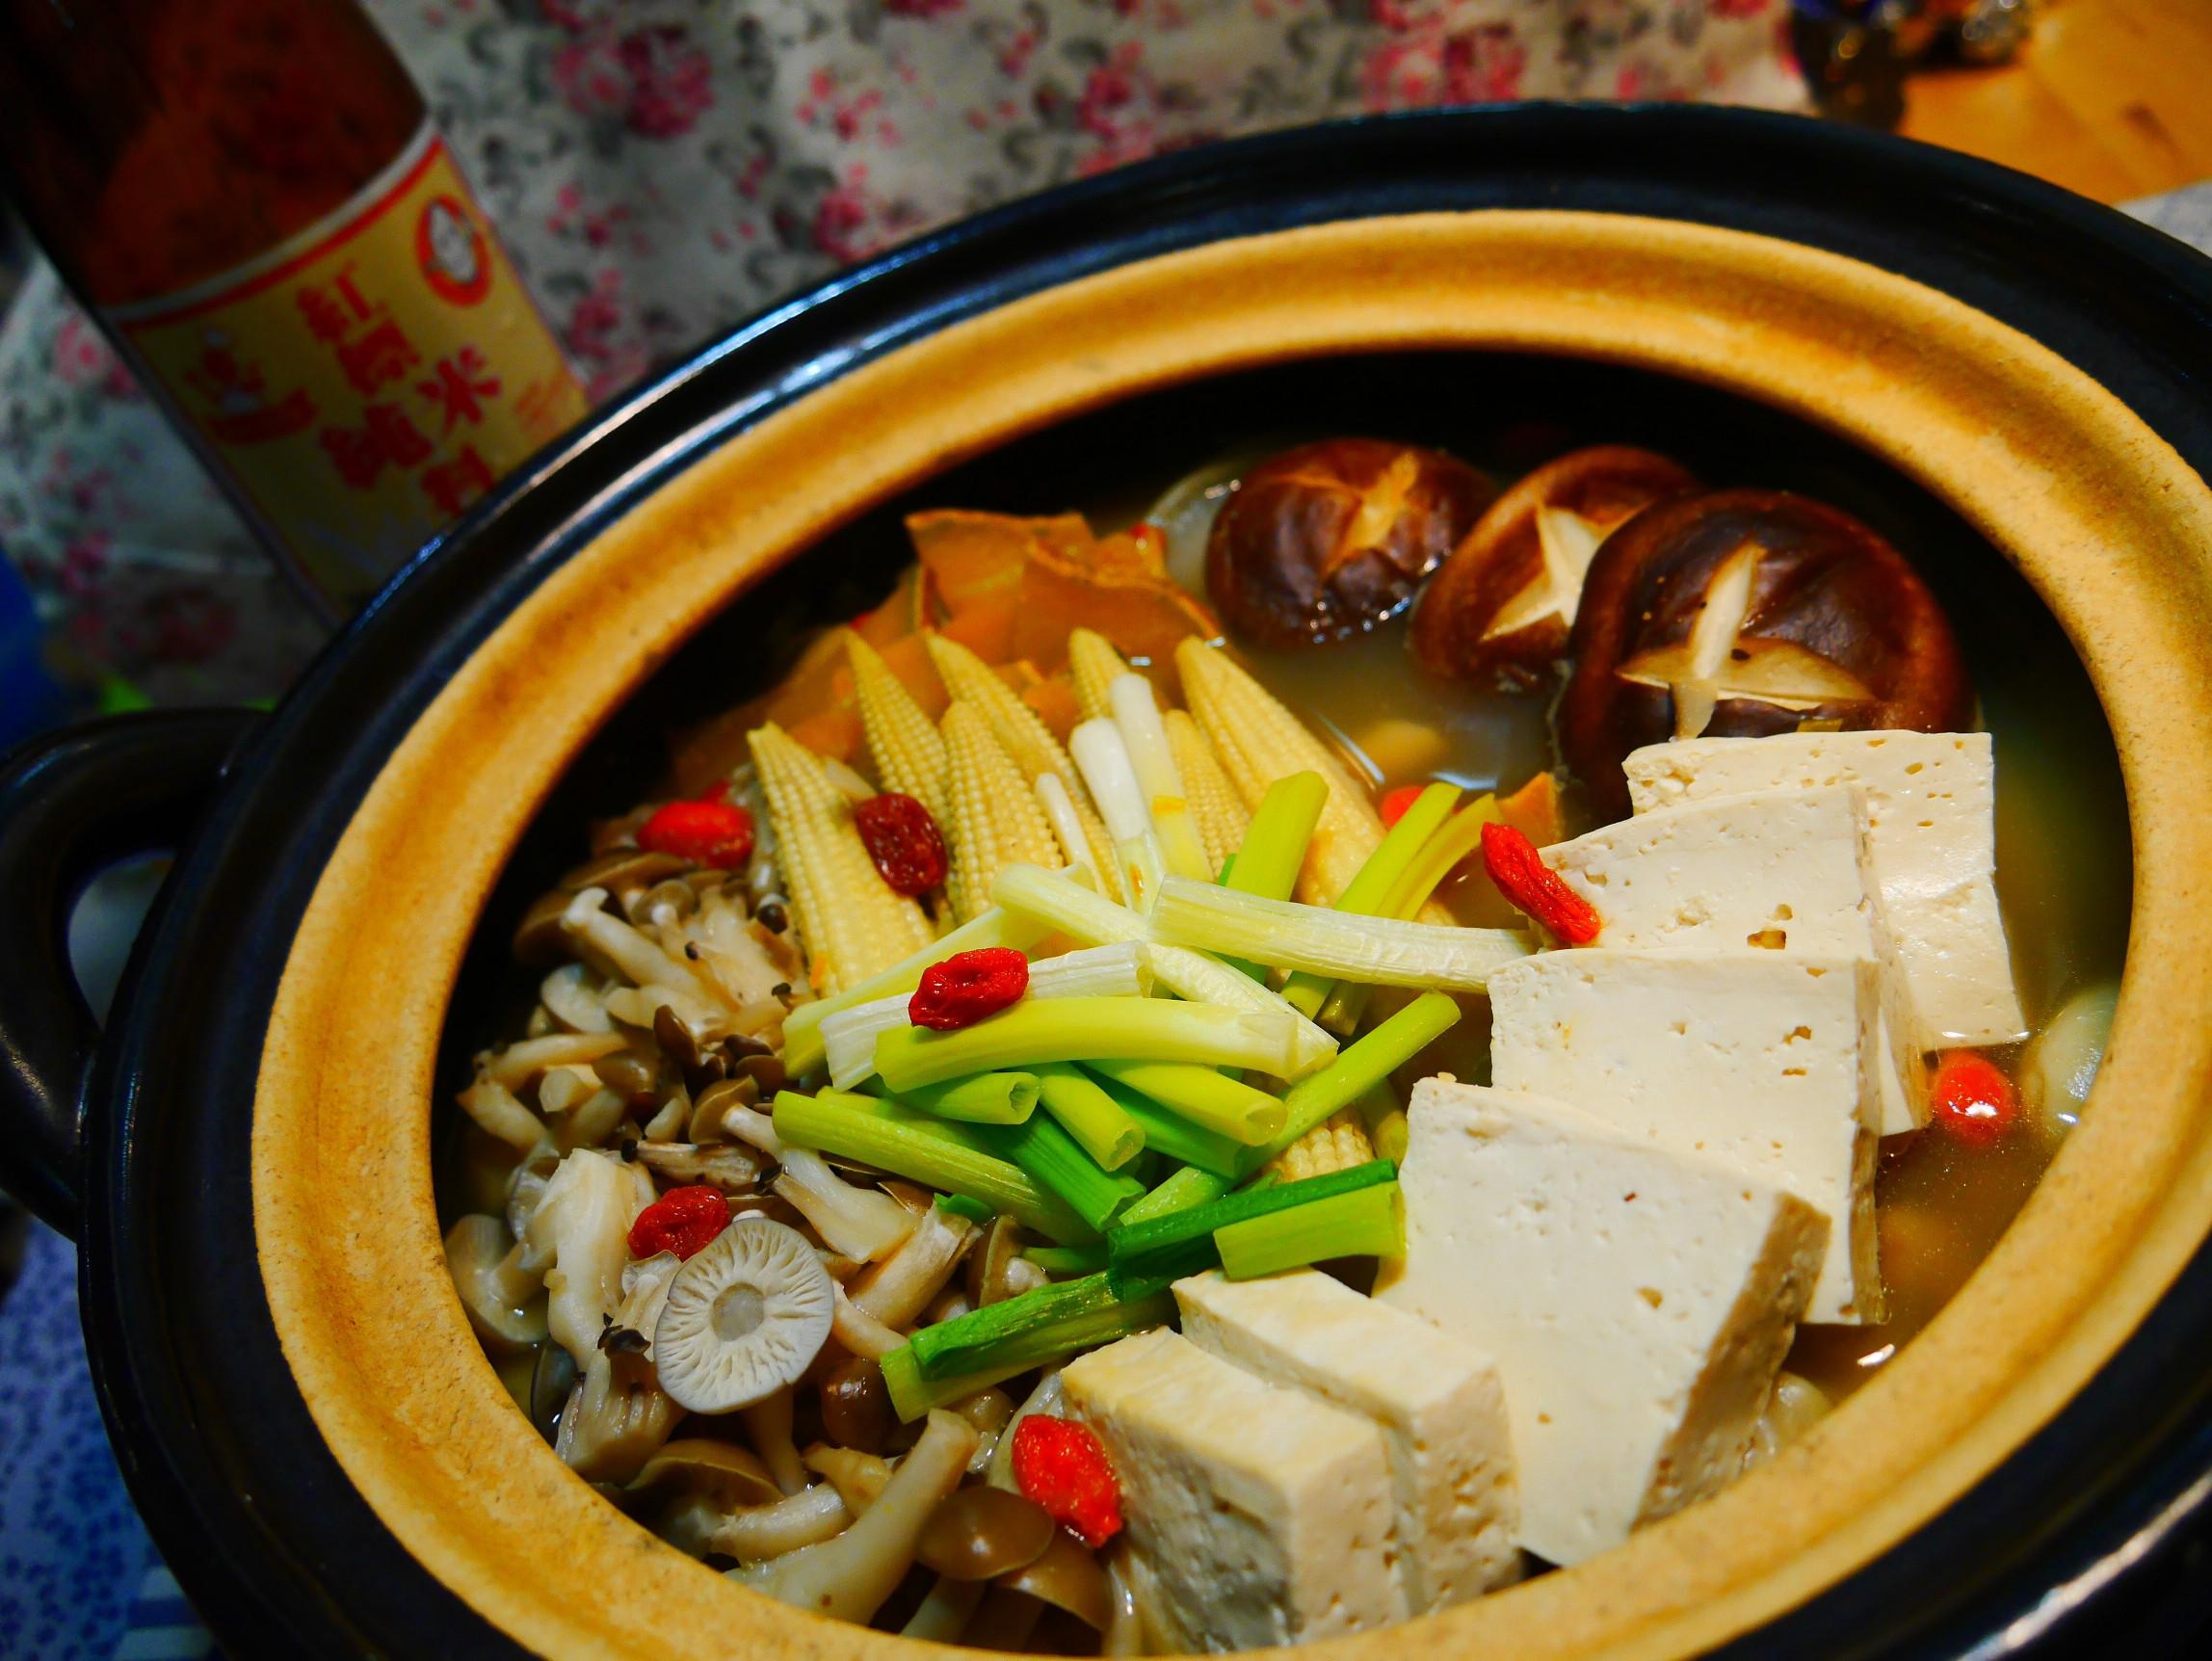 蒜頭雞肉蔬菜鍋-紅標純米料理米酒